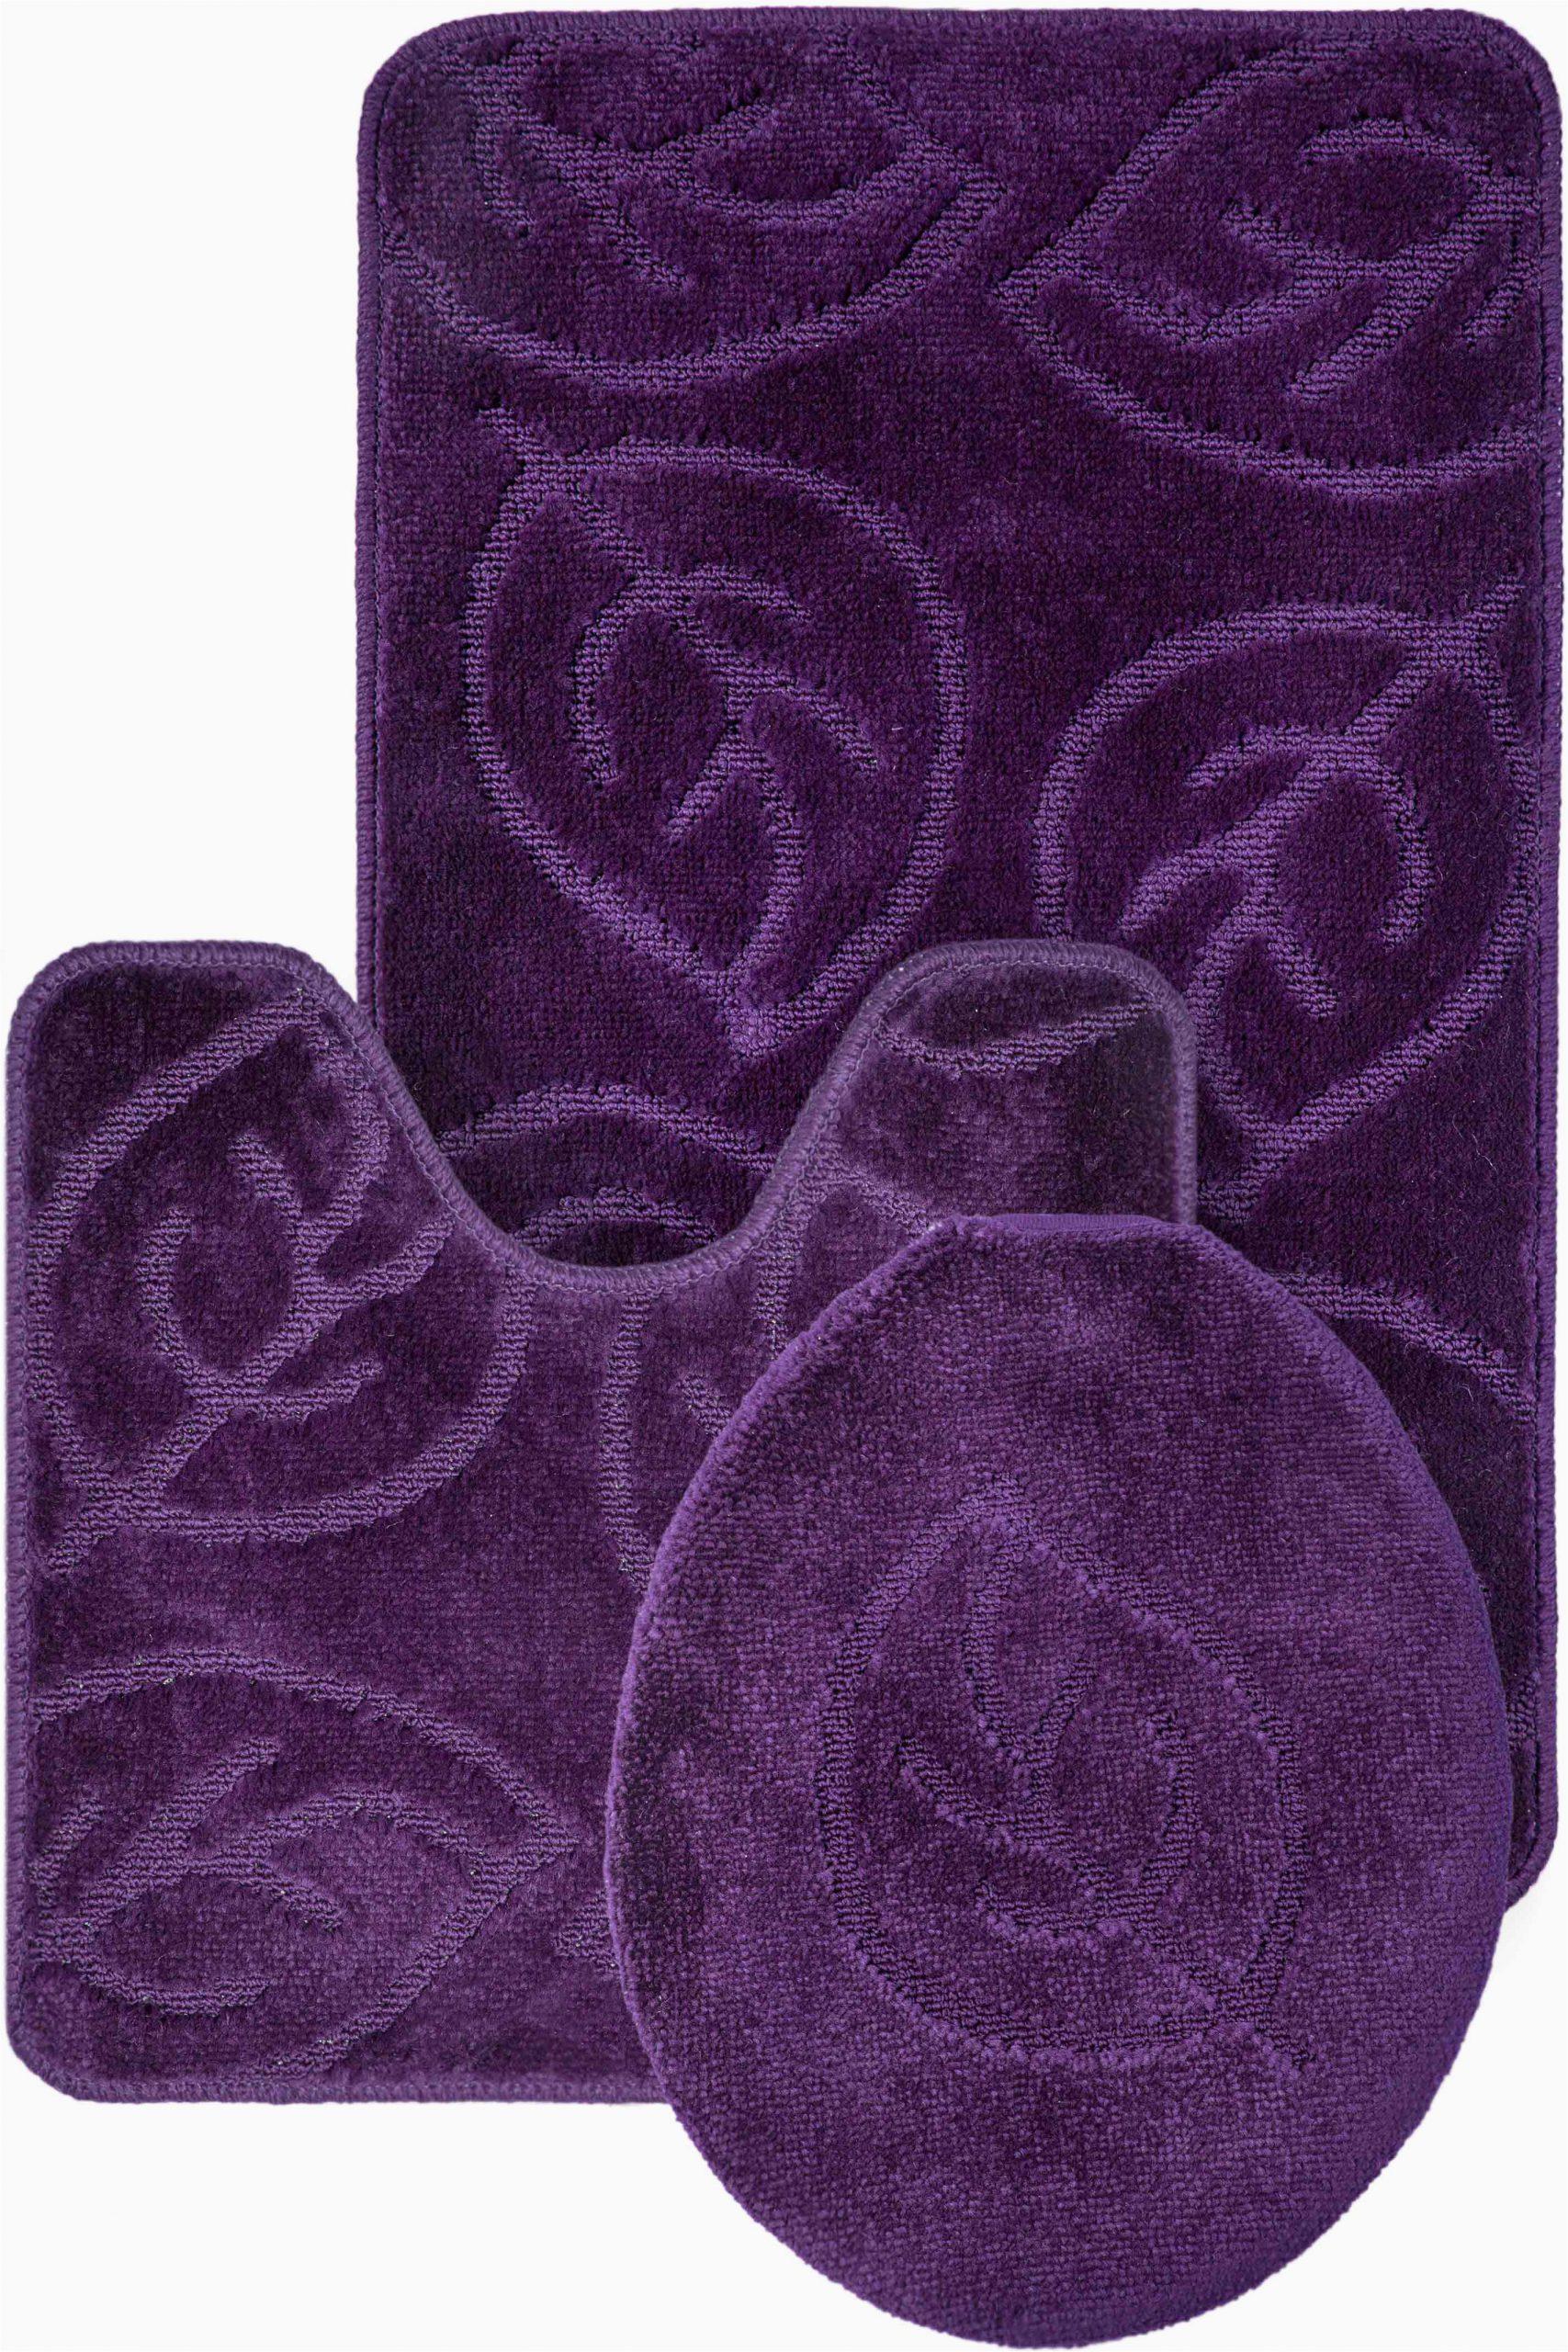 3 piece purple leaf bath rug set lavender bath rugs shower curtains world market memory foam rugs bathroom rugs walmart pottery barn rugs bath rugs tar foam bath mat shag bathroom rugs shag bath ru